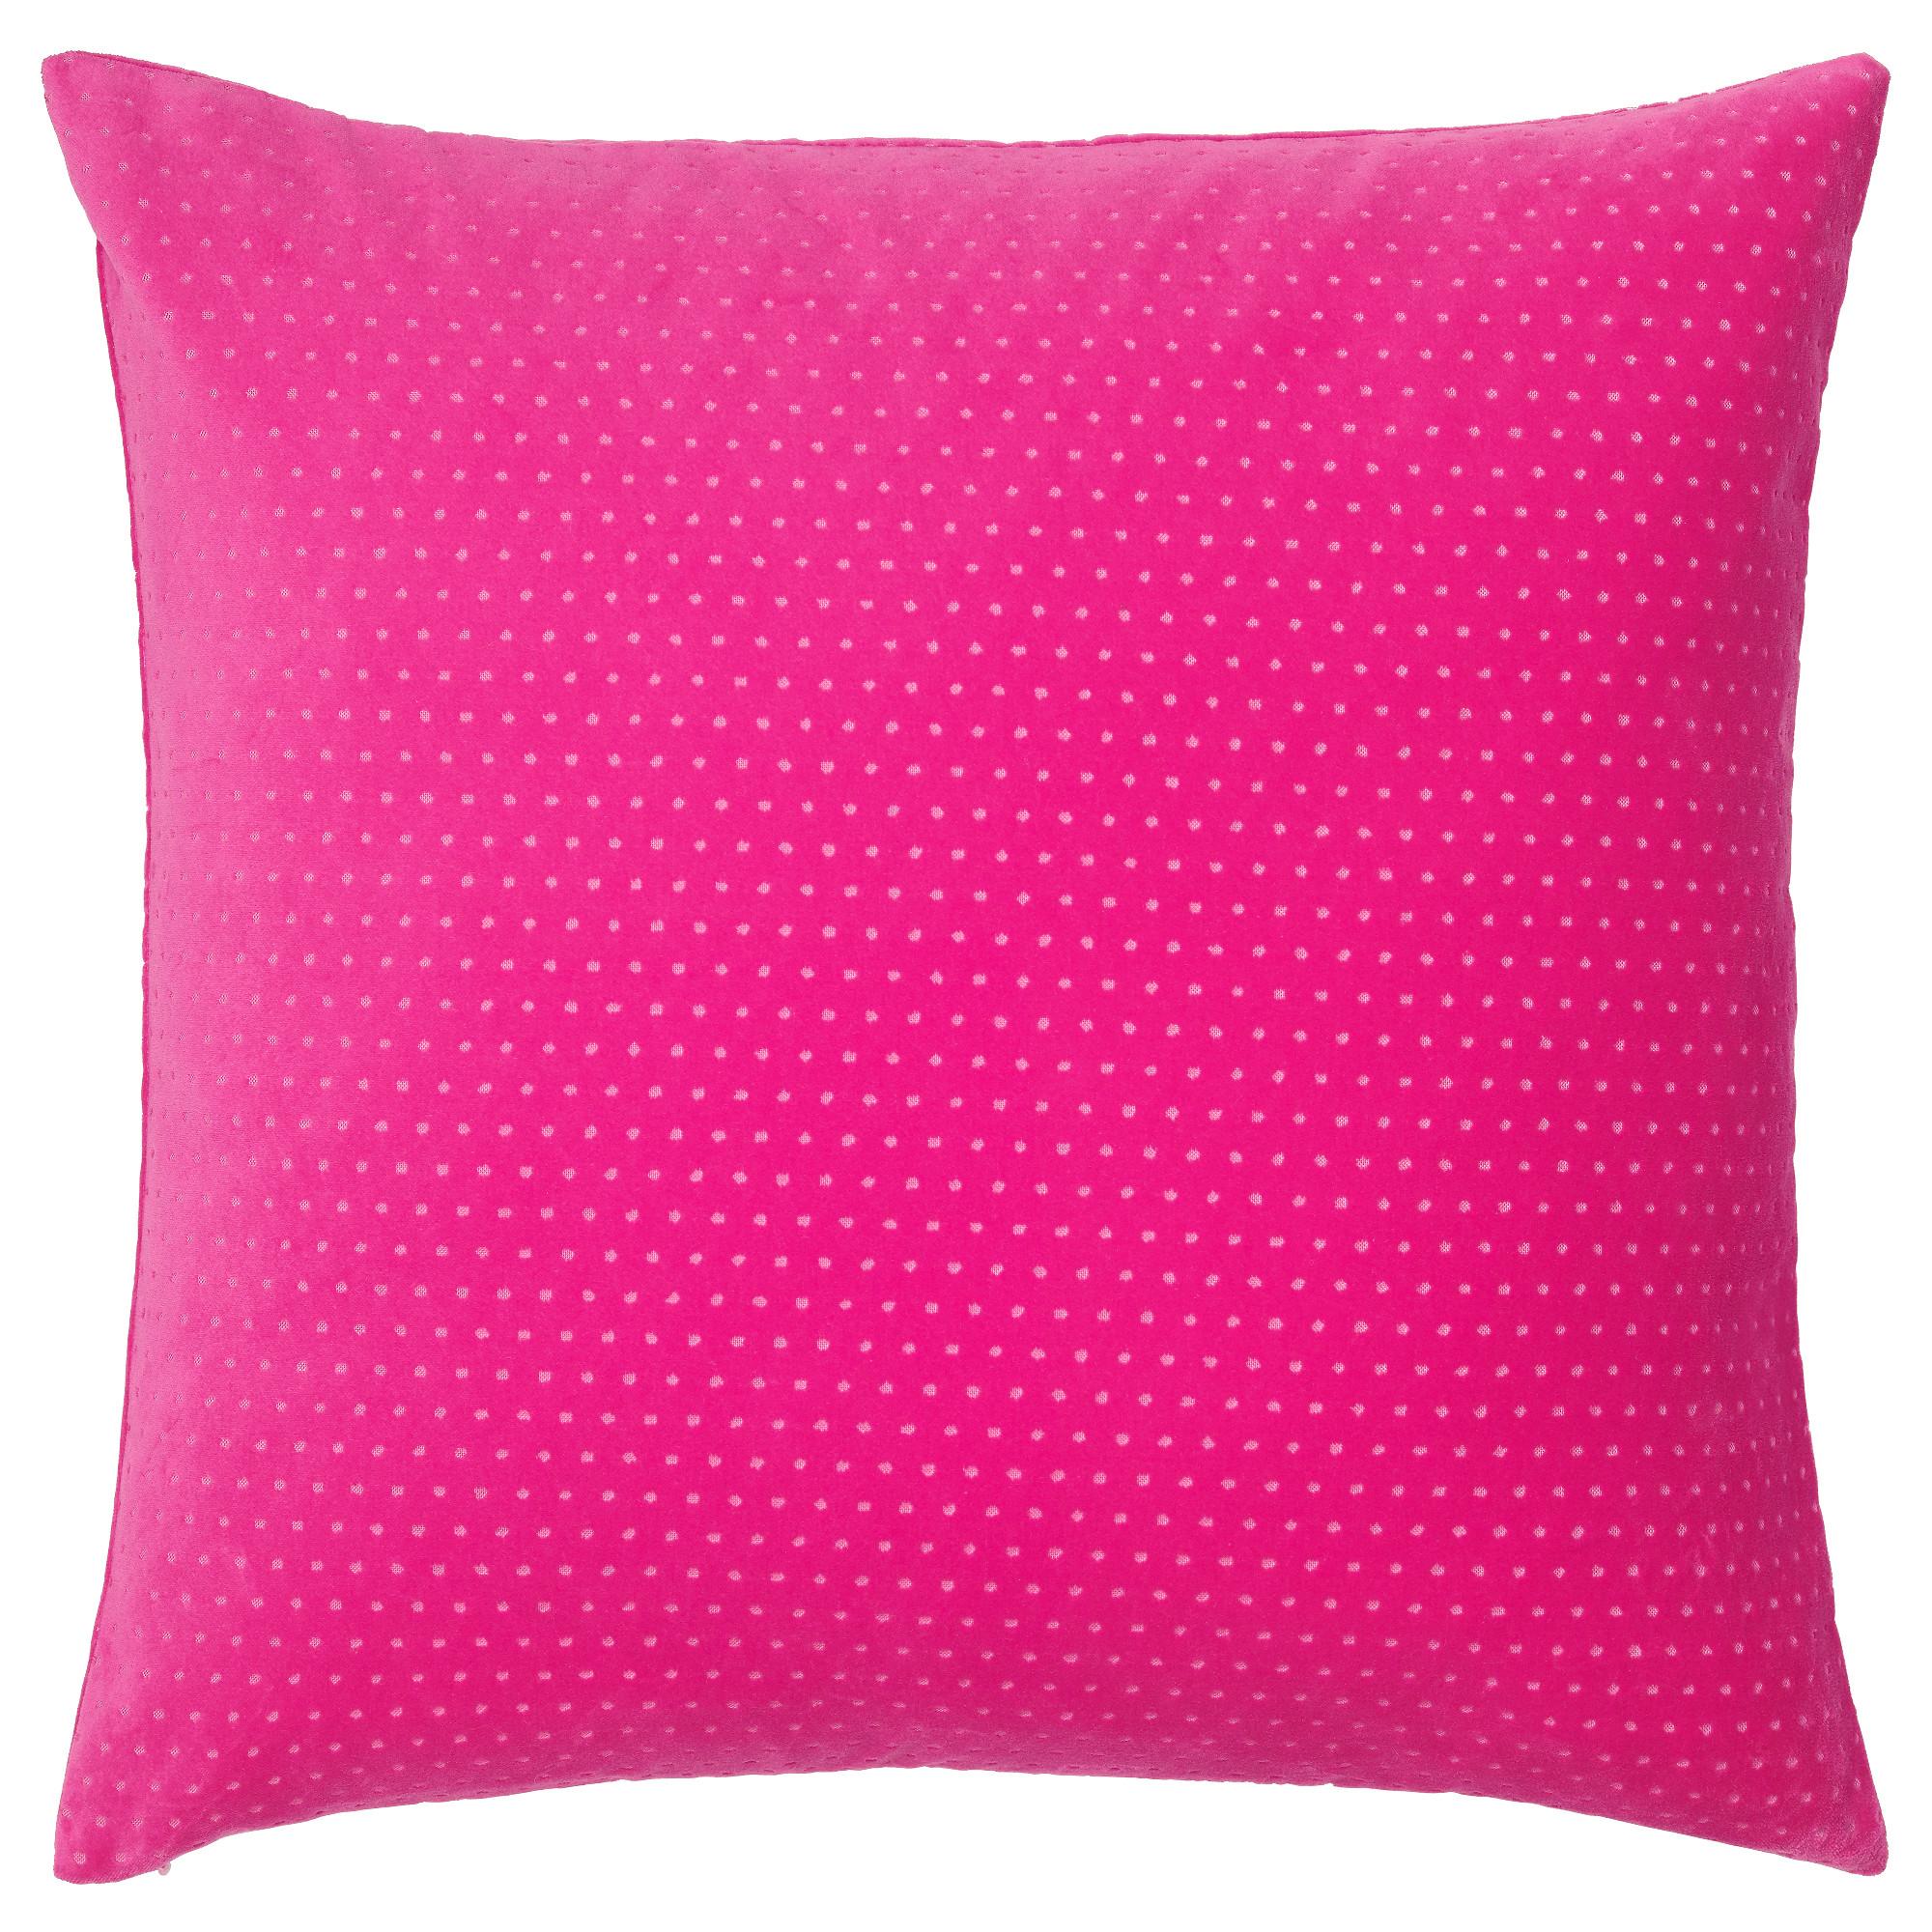 Чехол на подушку СОММАР 2018 розовый артикуль № 903.957.14 в наличии. Интернет магазин IKEA Минск. Быстрая доставка и установка.